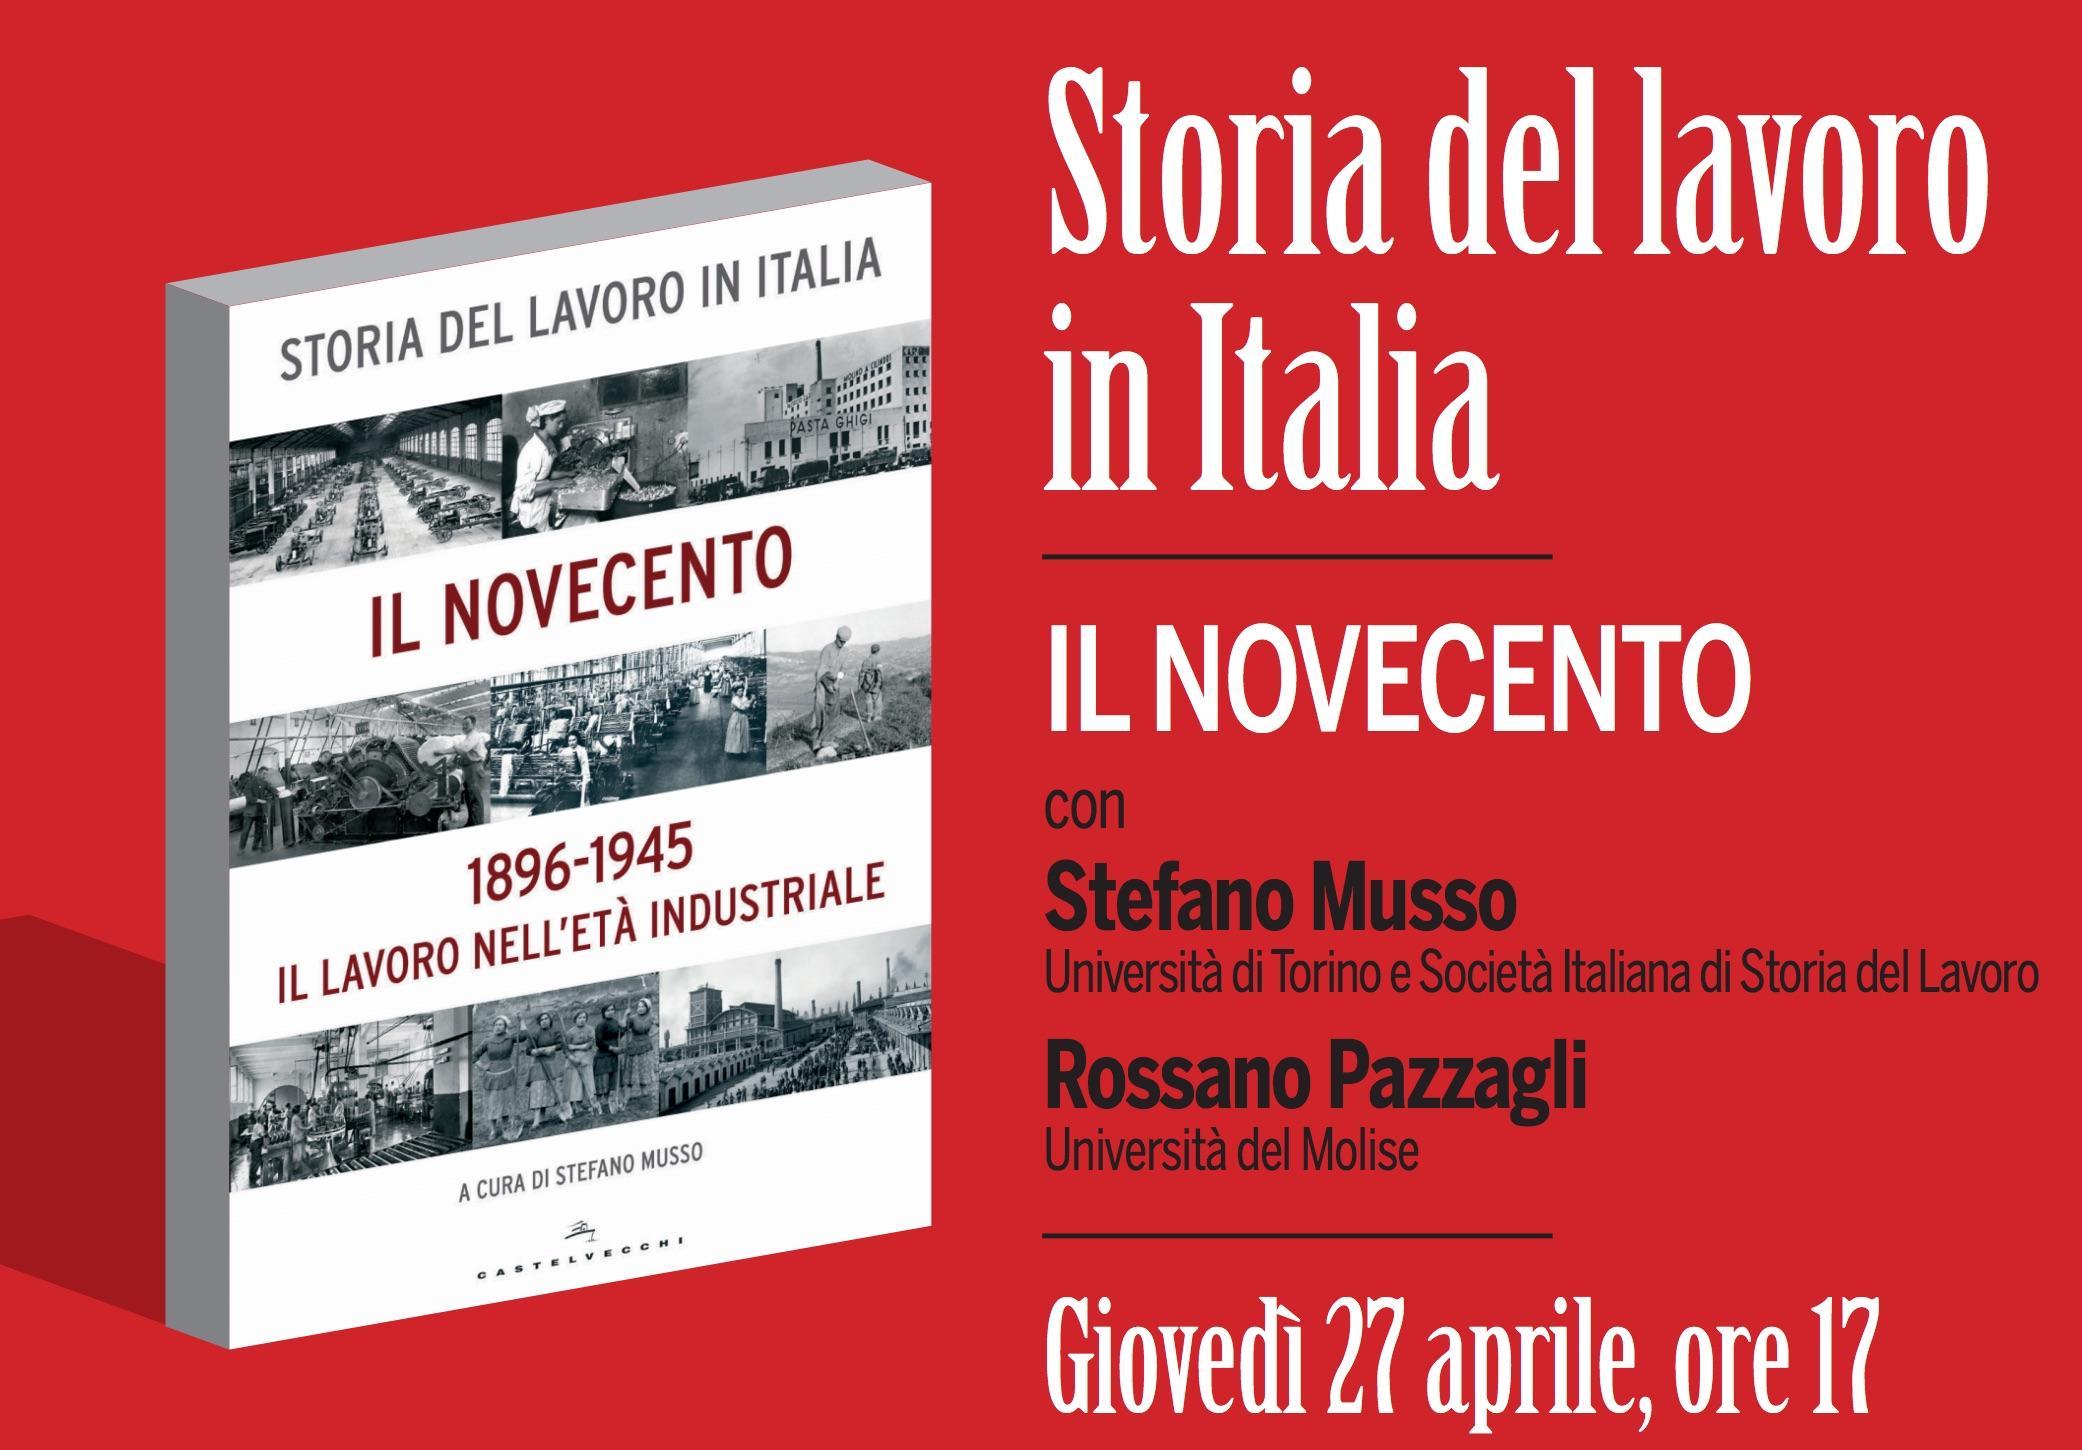 Il 27 aprile al MAGMA: incontro con Stefano Musso e Rossano Pazzagli.